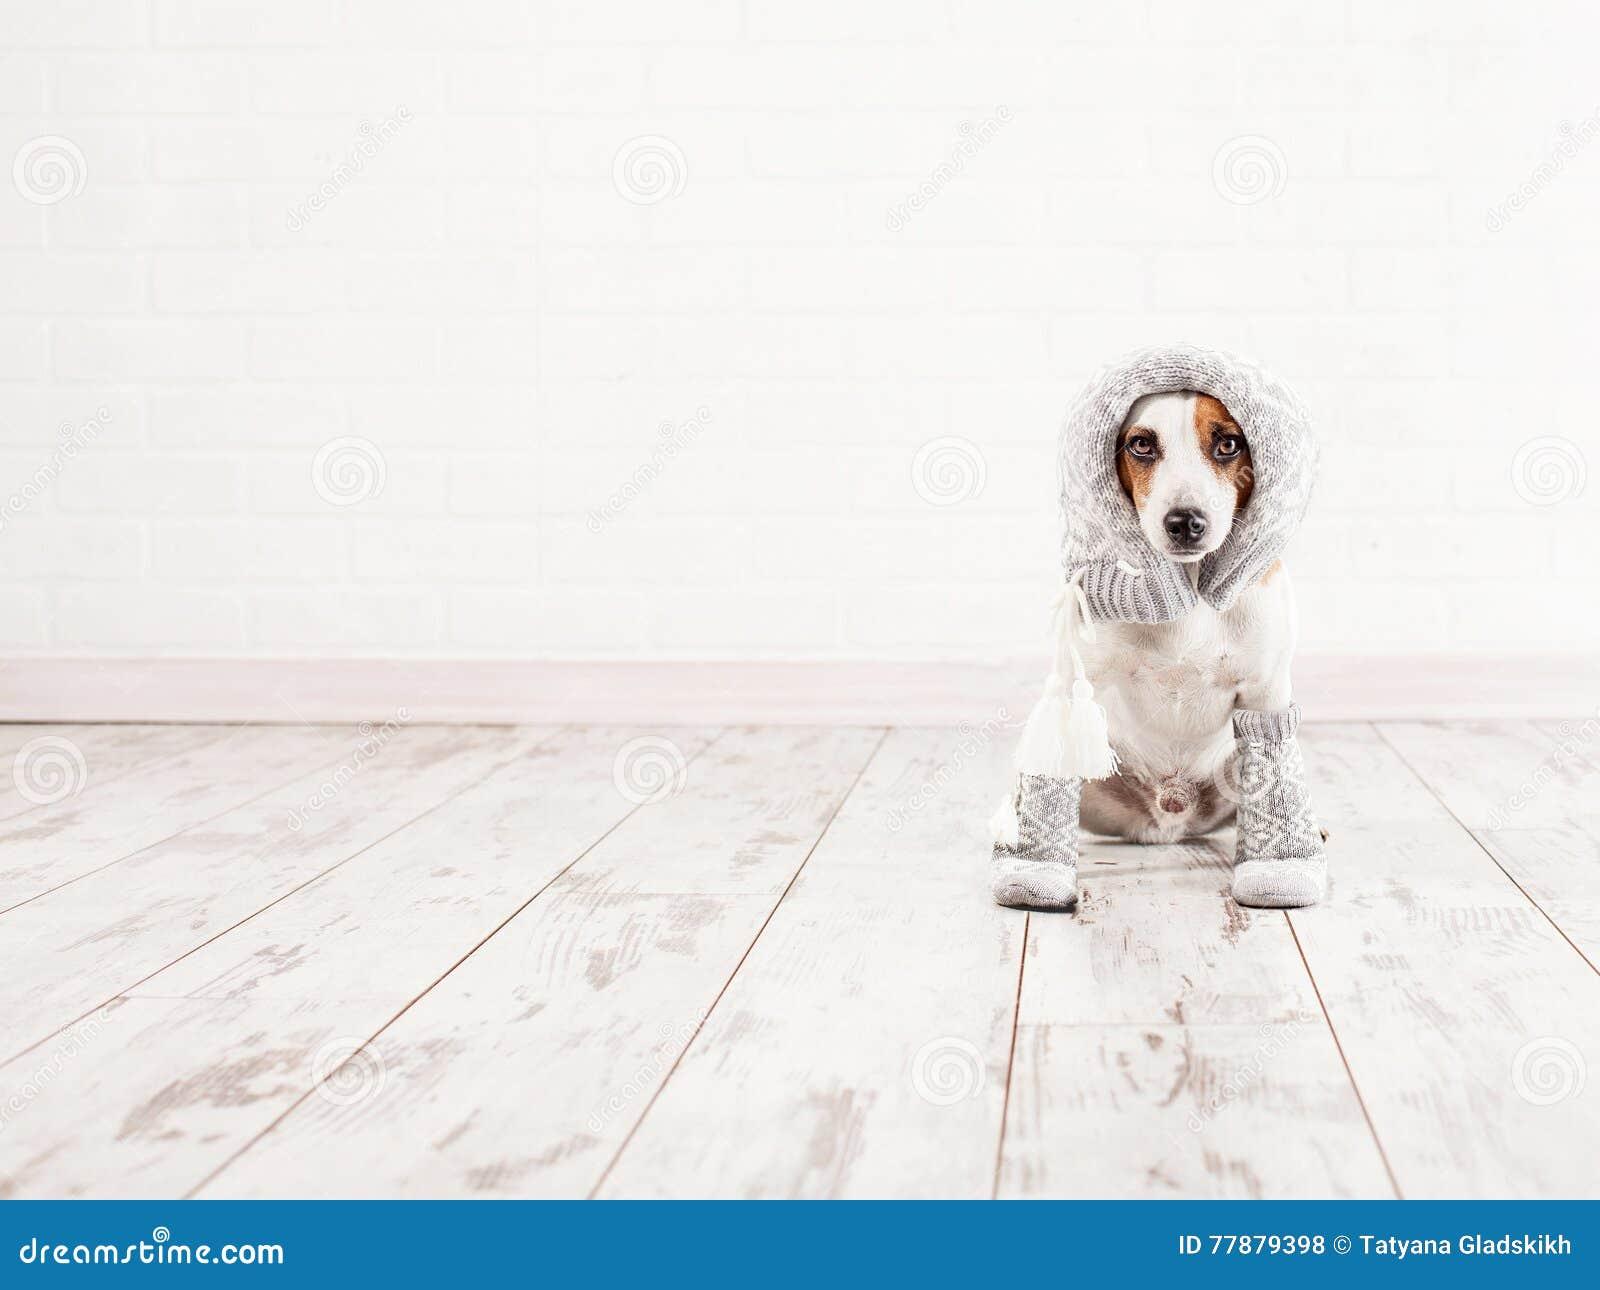 Τα θηλυκά σκυλιά έχουν οργασμούς